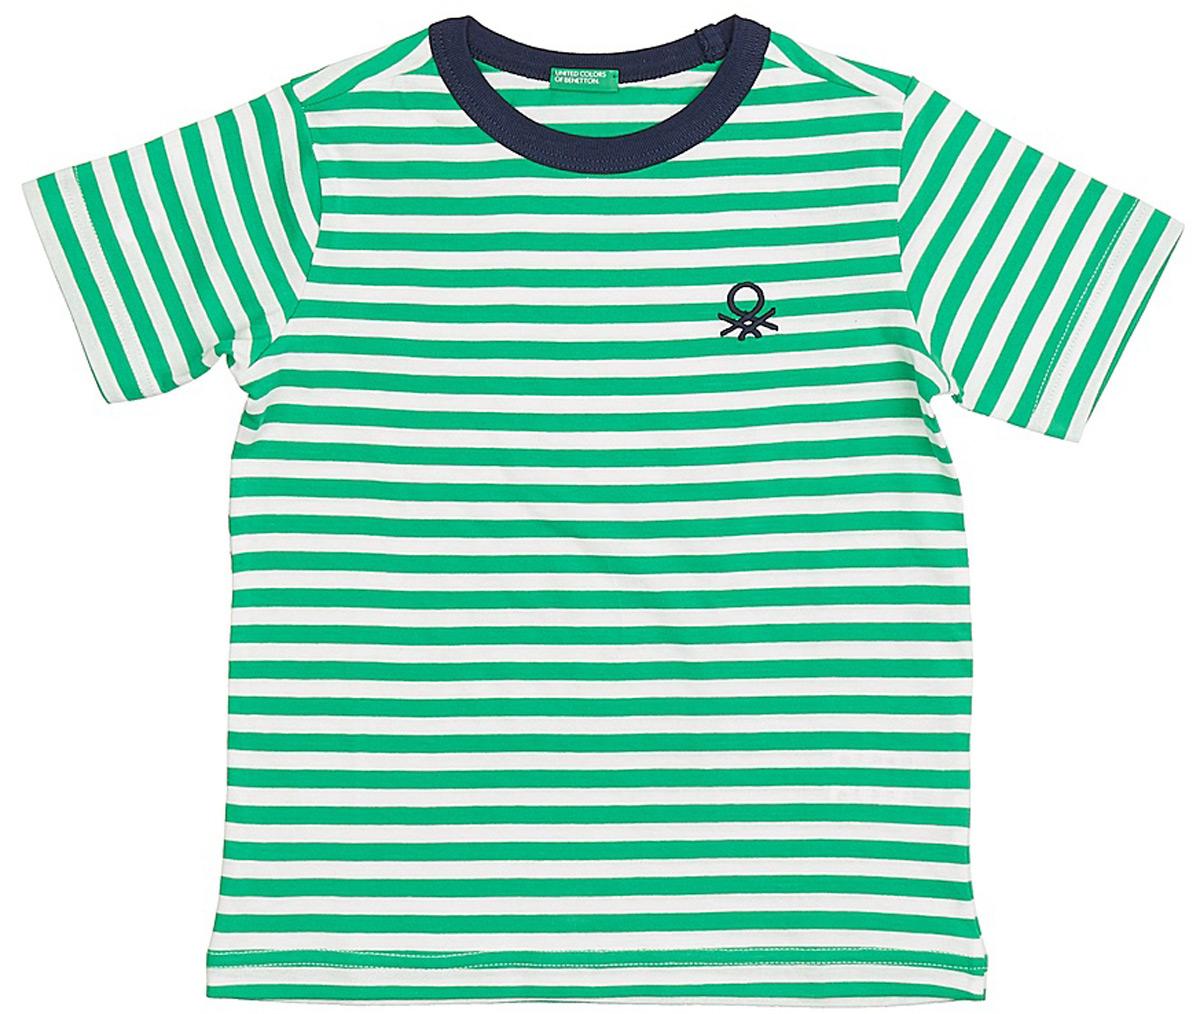 Футболка для мальчика United Colors of Benetton, цвет: зеленый, белый. 3XB1C13H8_604. Размер 1503XB1C13H8_604Футболка от United Colors of Benetton выполнена из натурального хлопкового трикотажа в полоску. Модель с короткими рукавами и круглым вырезом горловины.